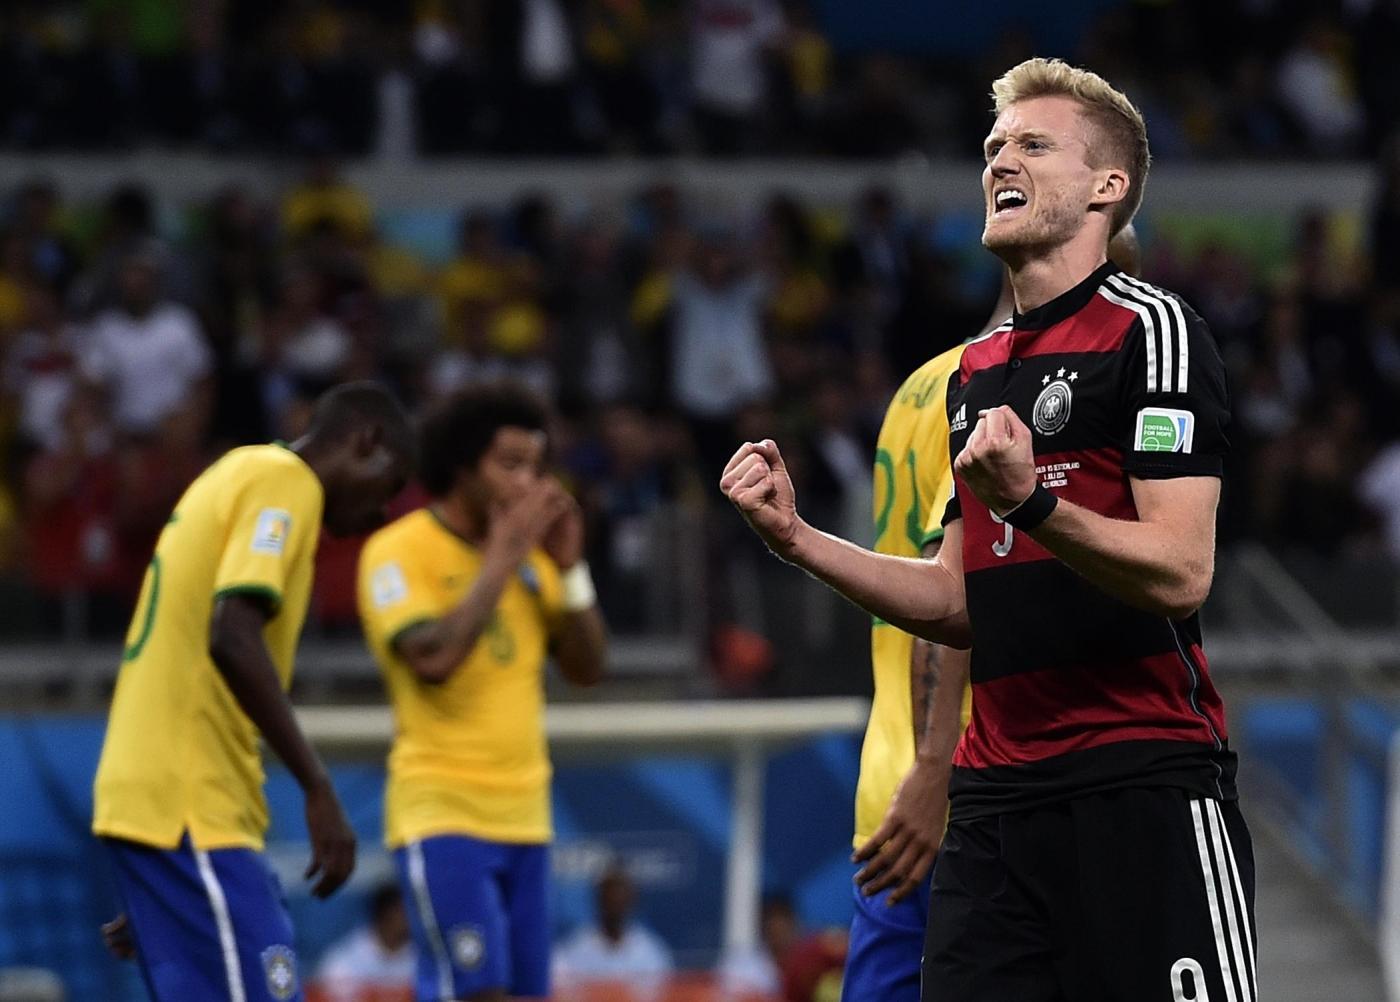 Mondiali 2014, Brasile vs Germania 7-1: verdeoro disintegrati